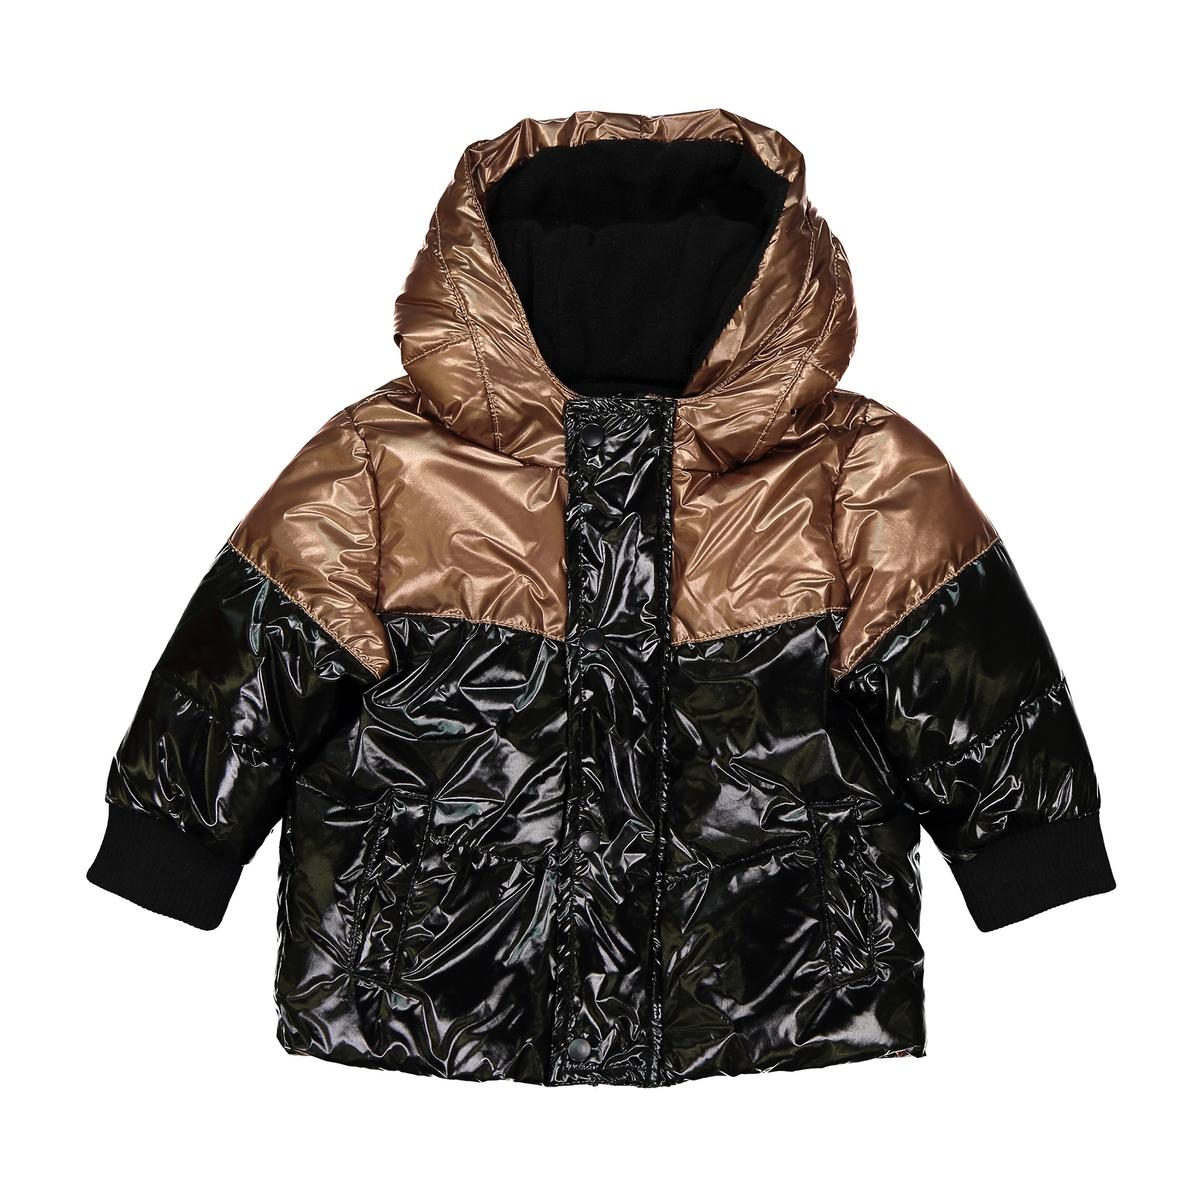 цена Куртка La Redoute С капюшоном с металлическим отливом мес - лет 3 года - 94 см каштановый онлайн в 2017 году